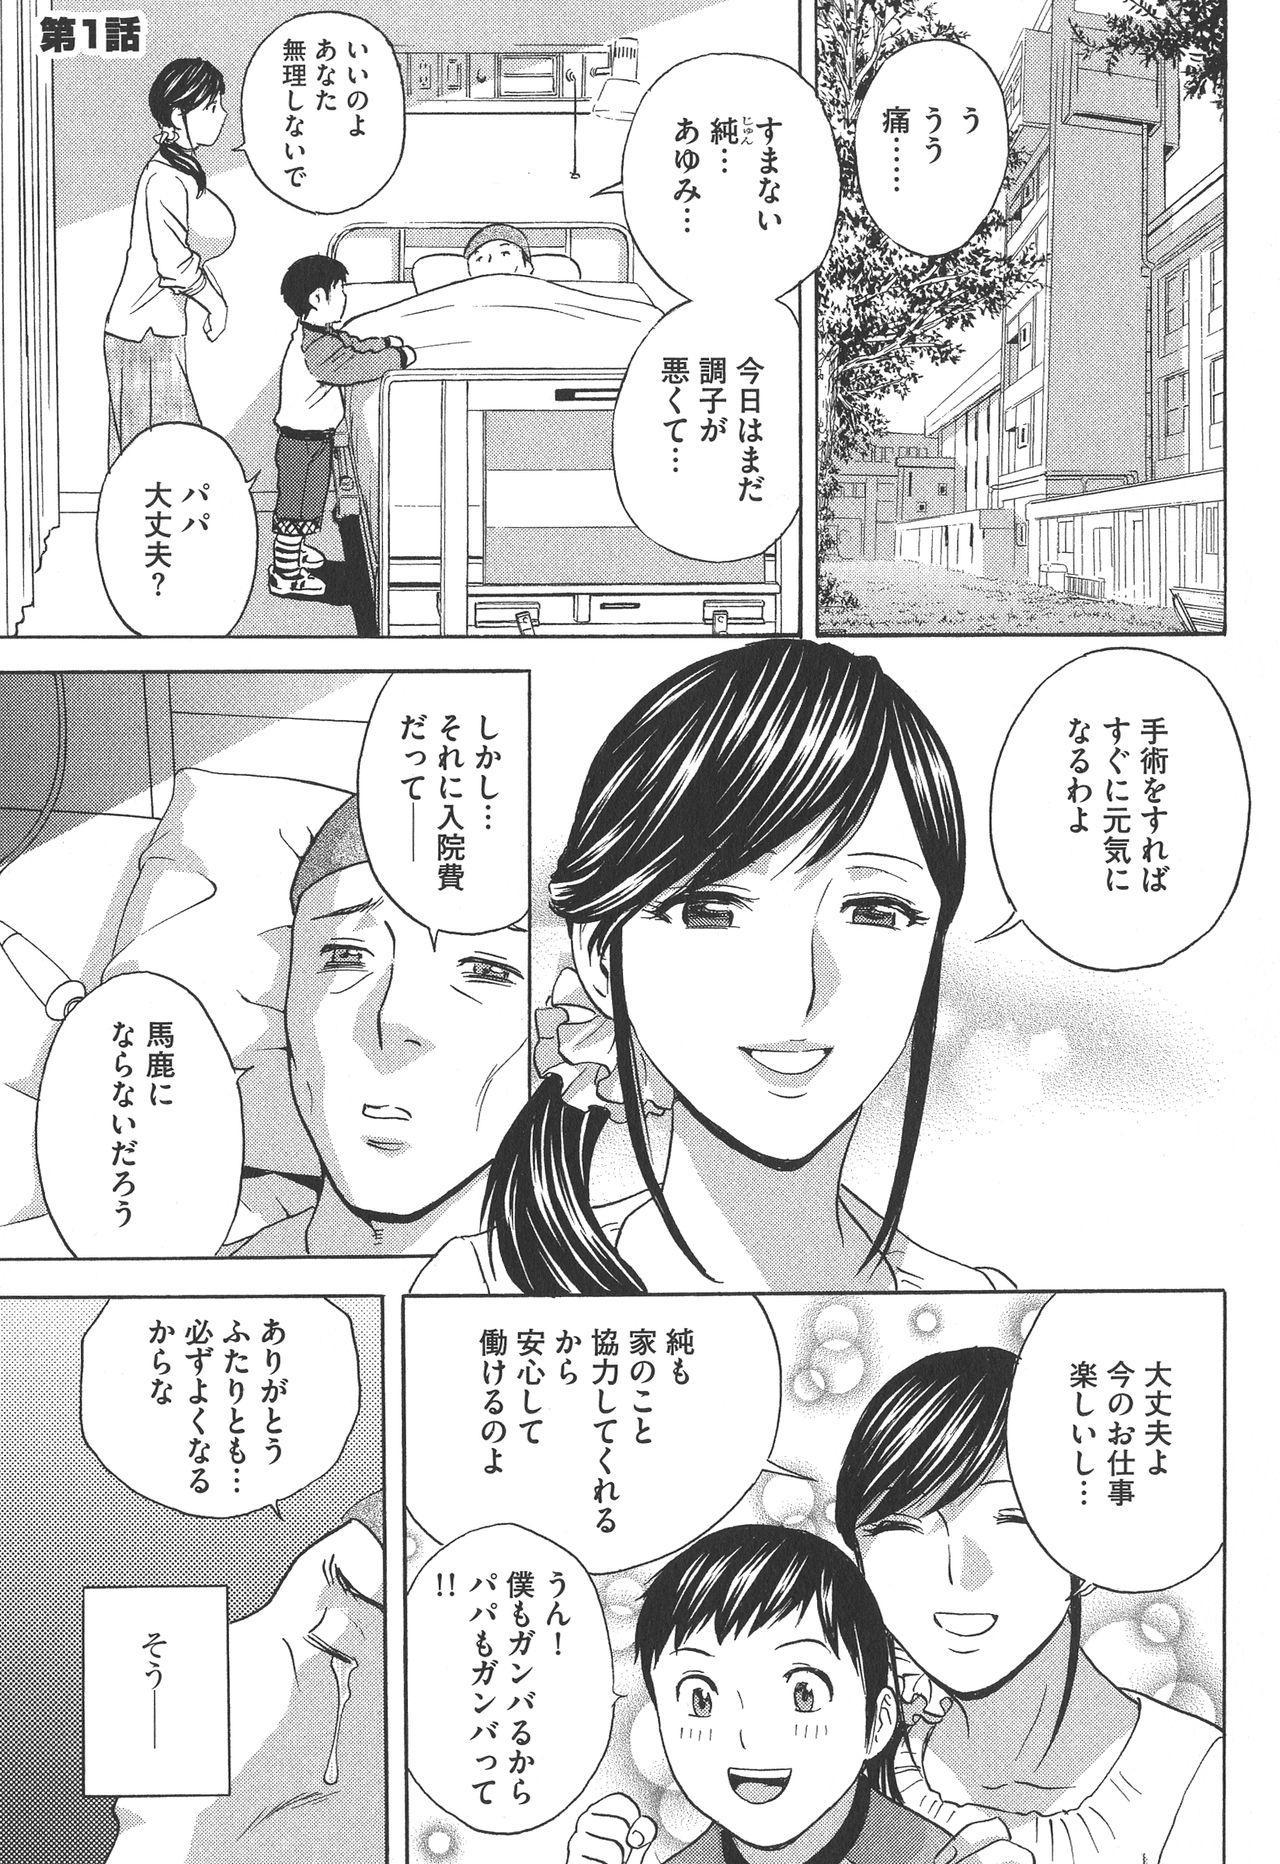 Chijoku ni Modaeru Haha no Chichi… 4